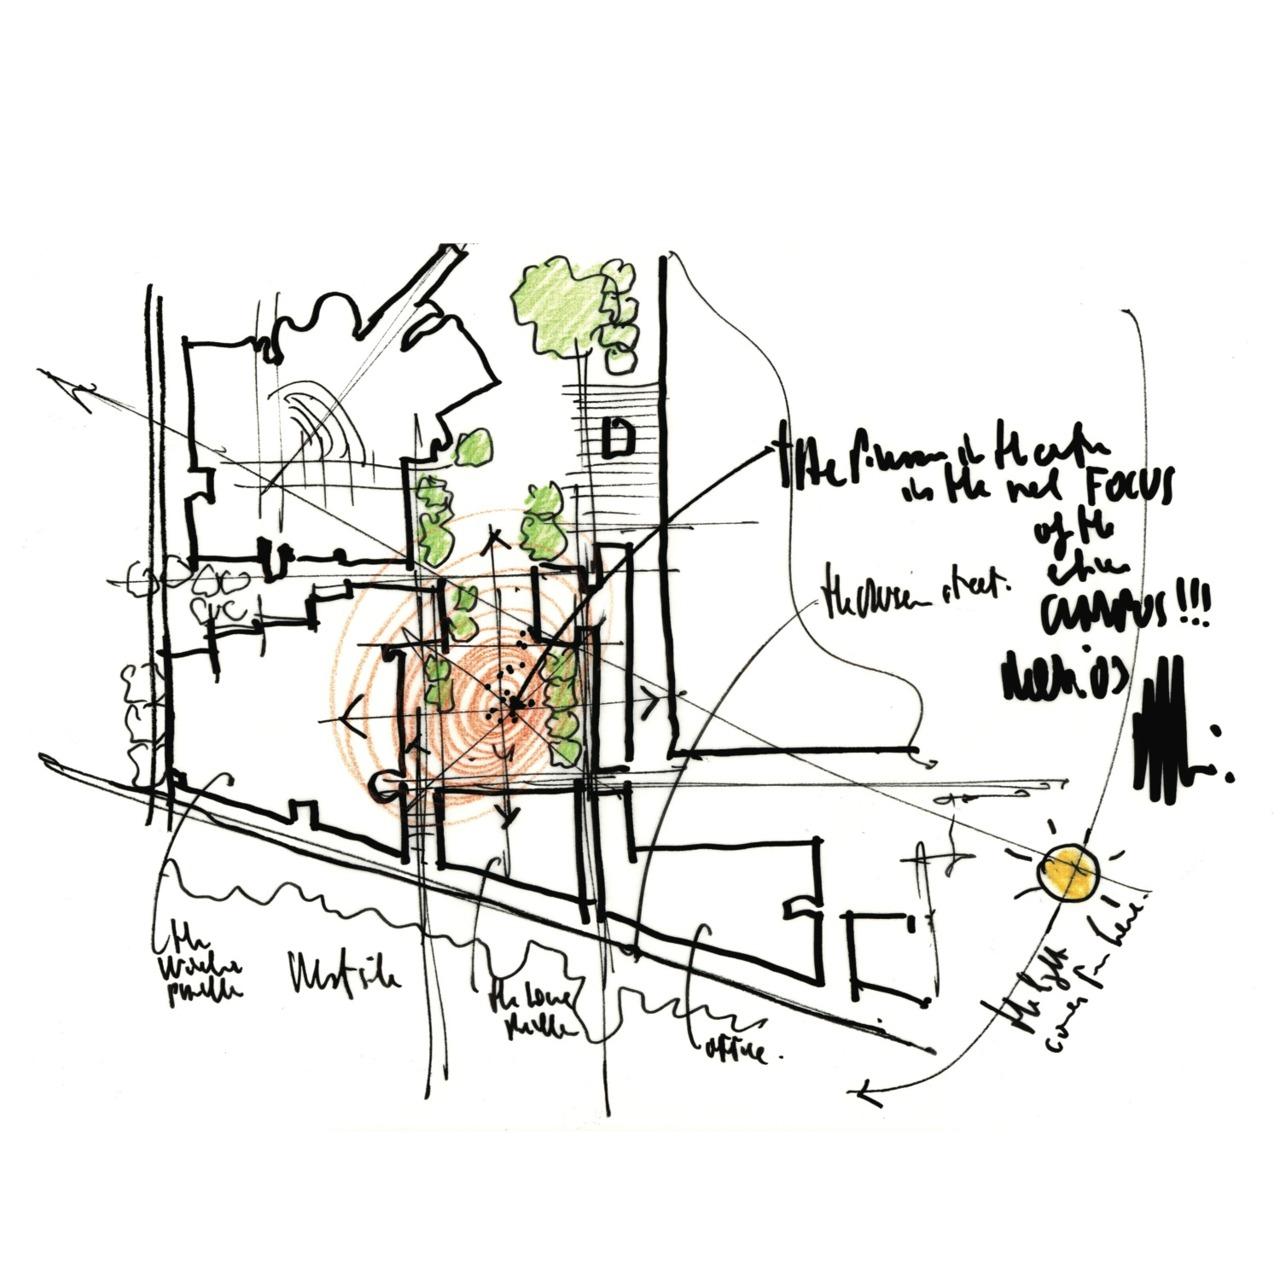 Architectureblog I Disegni Di Renzo Piano